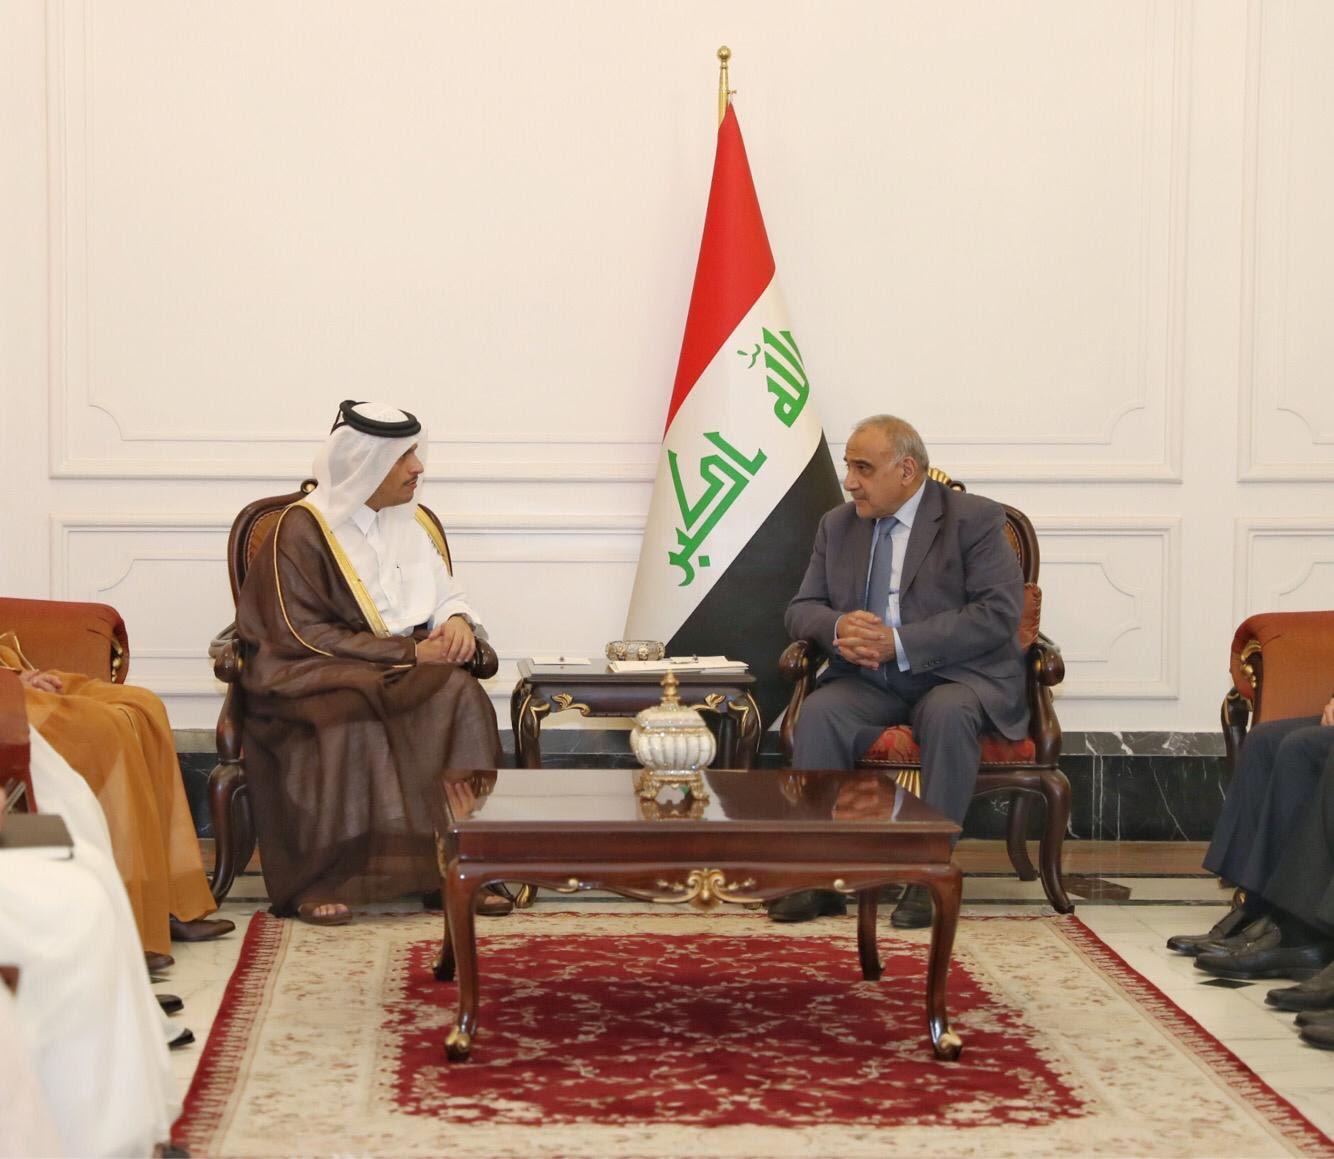 رئيس الوزراء العراقي يستقبل نائب رئيس مجلس الوزراء وزير الخارجية